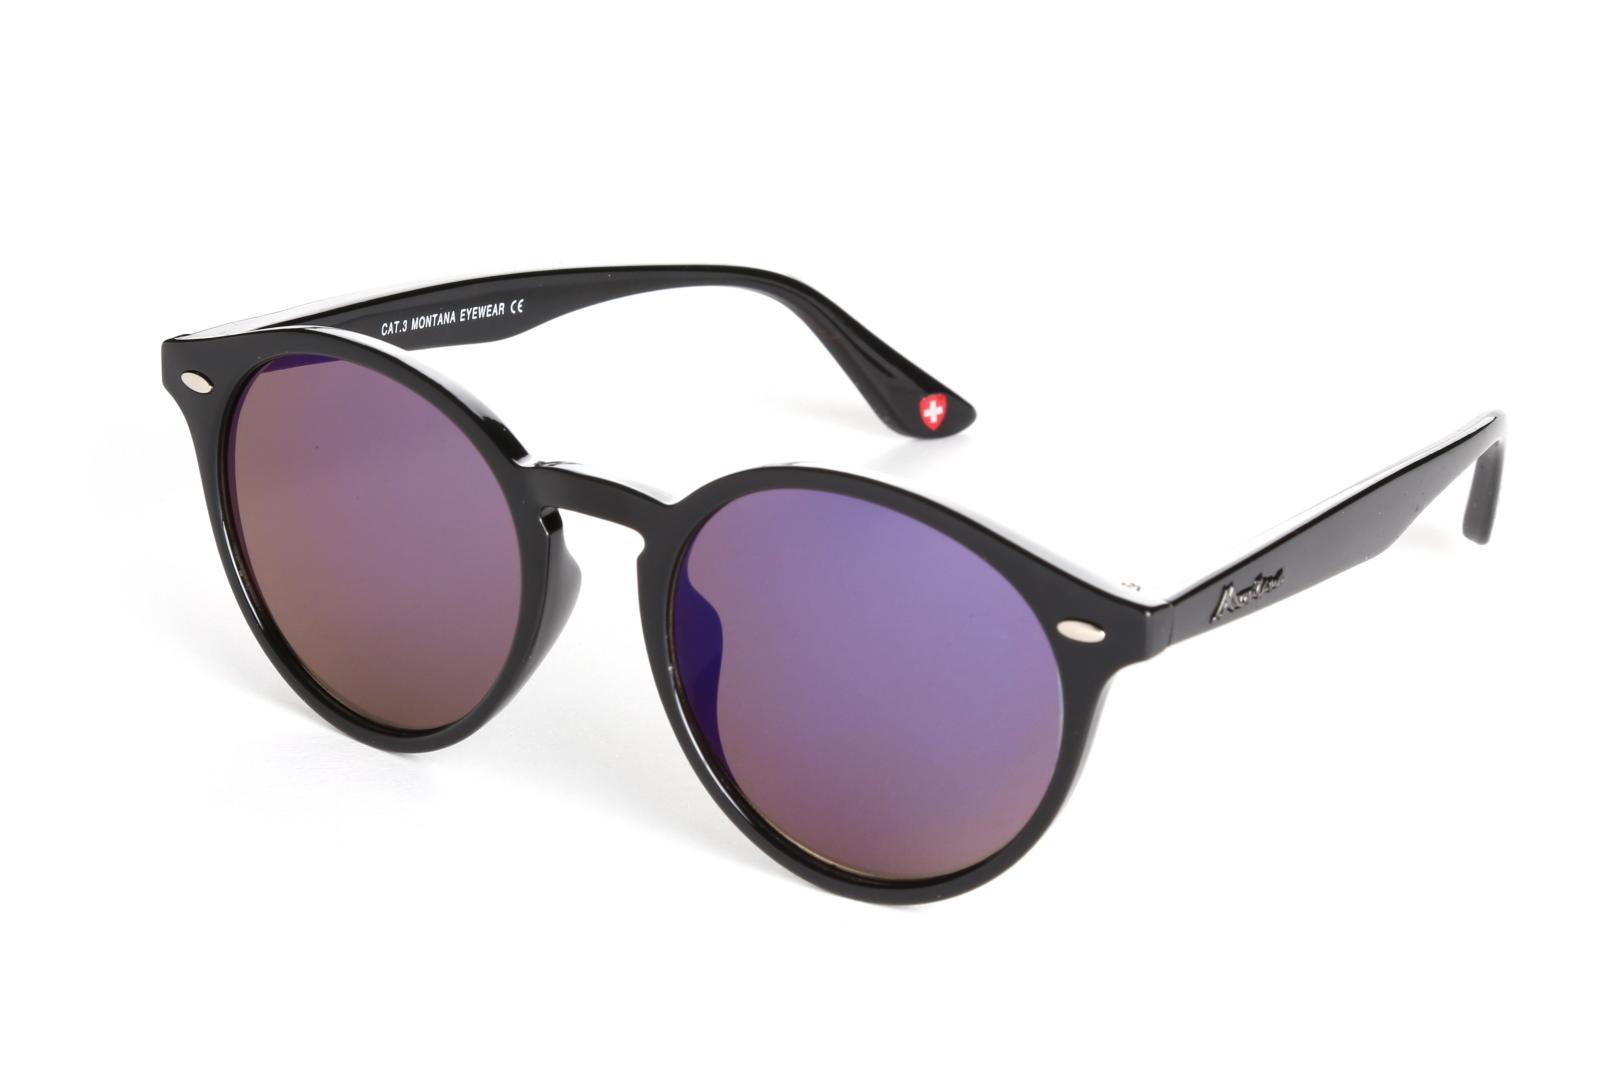 Montana Eyewear MS20-Schwarz-Blau MdTBYjr